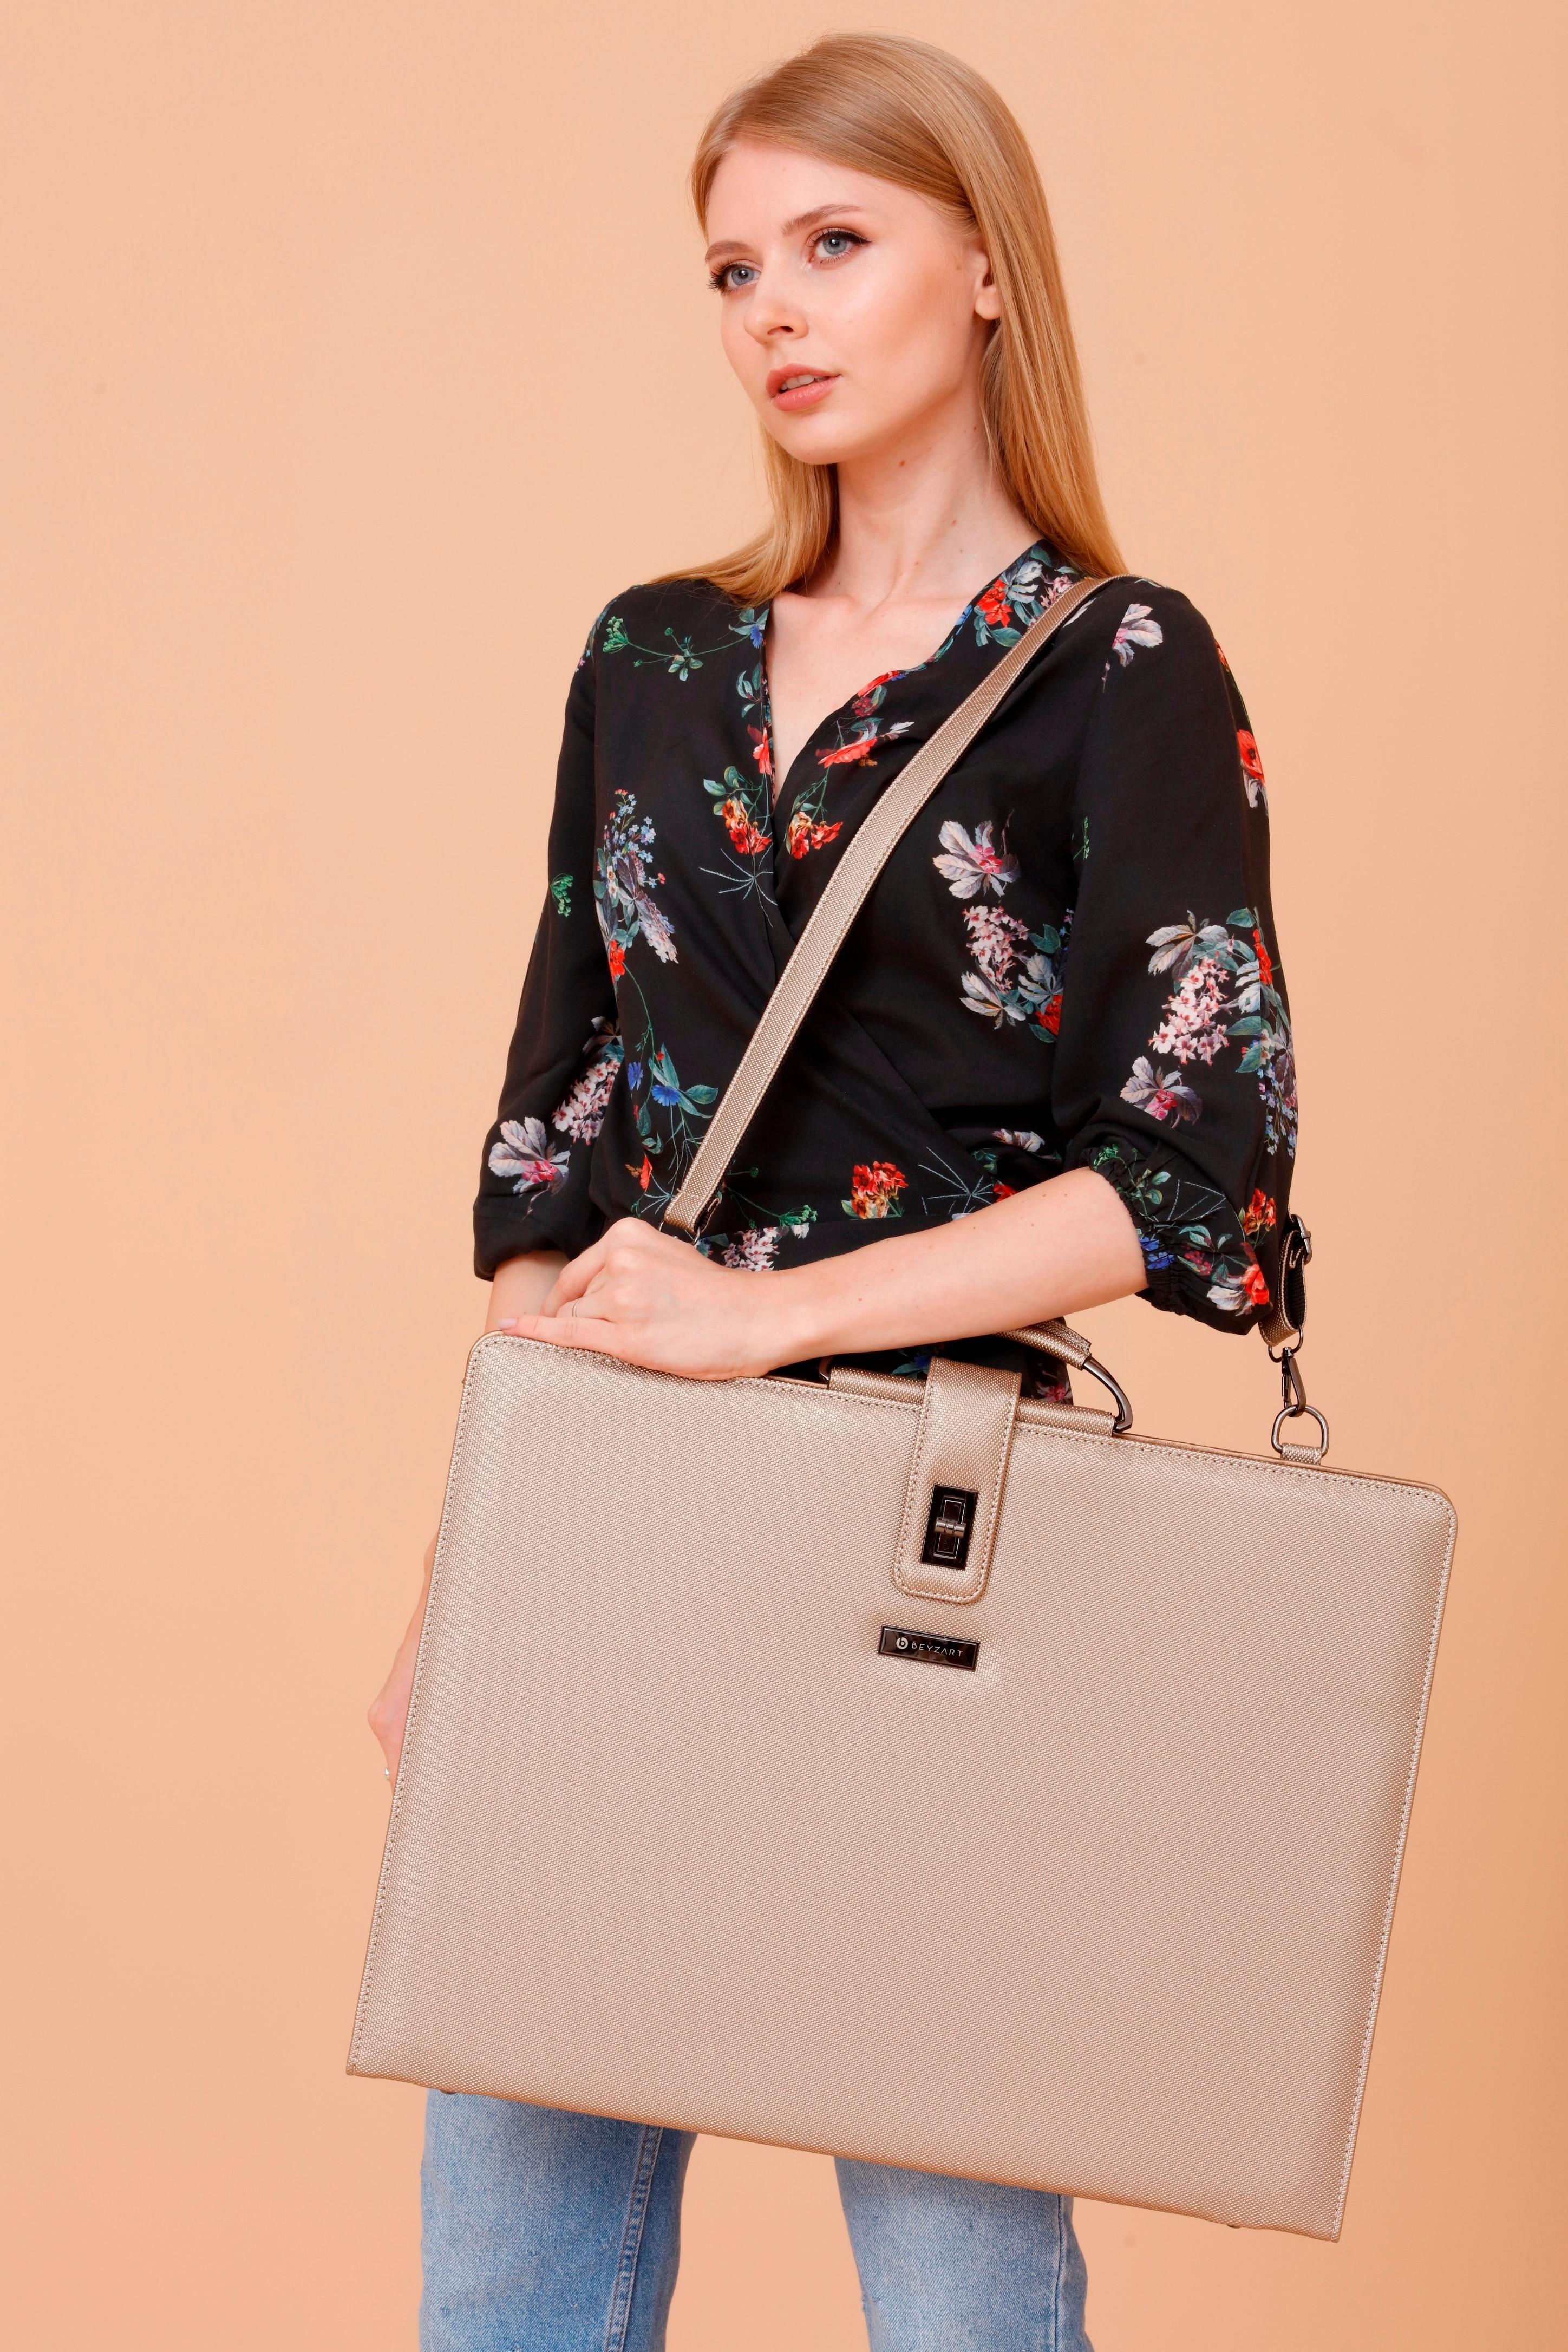 Beyzart Luxury Art Portfolio Case Artist Carrying Bag Premium Business Artwork Strorage Folder Art Organizer Briefcase